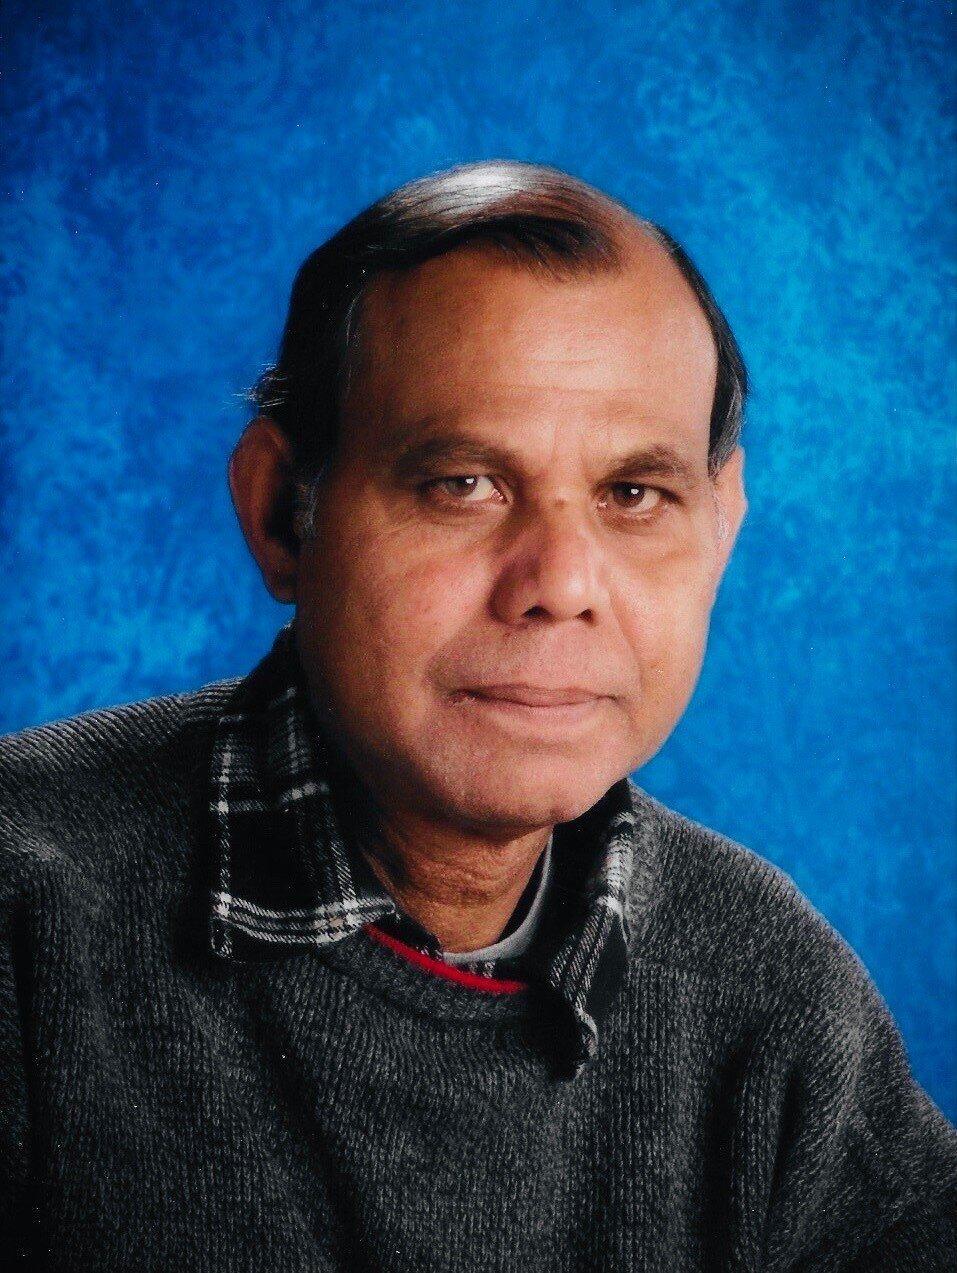 Arjoon Ramcharan